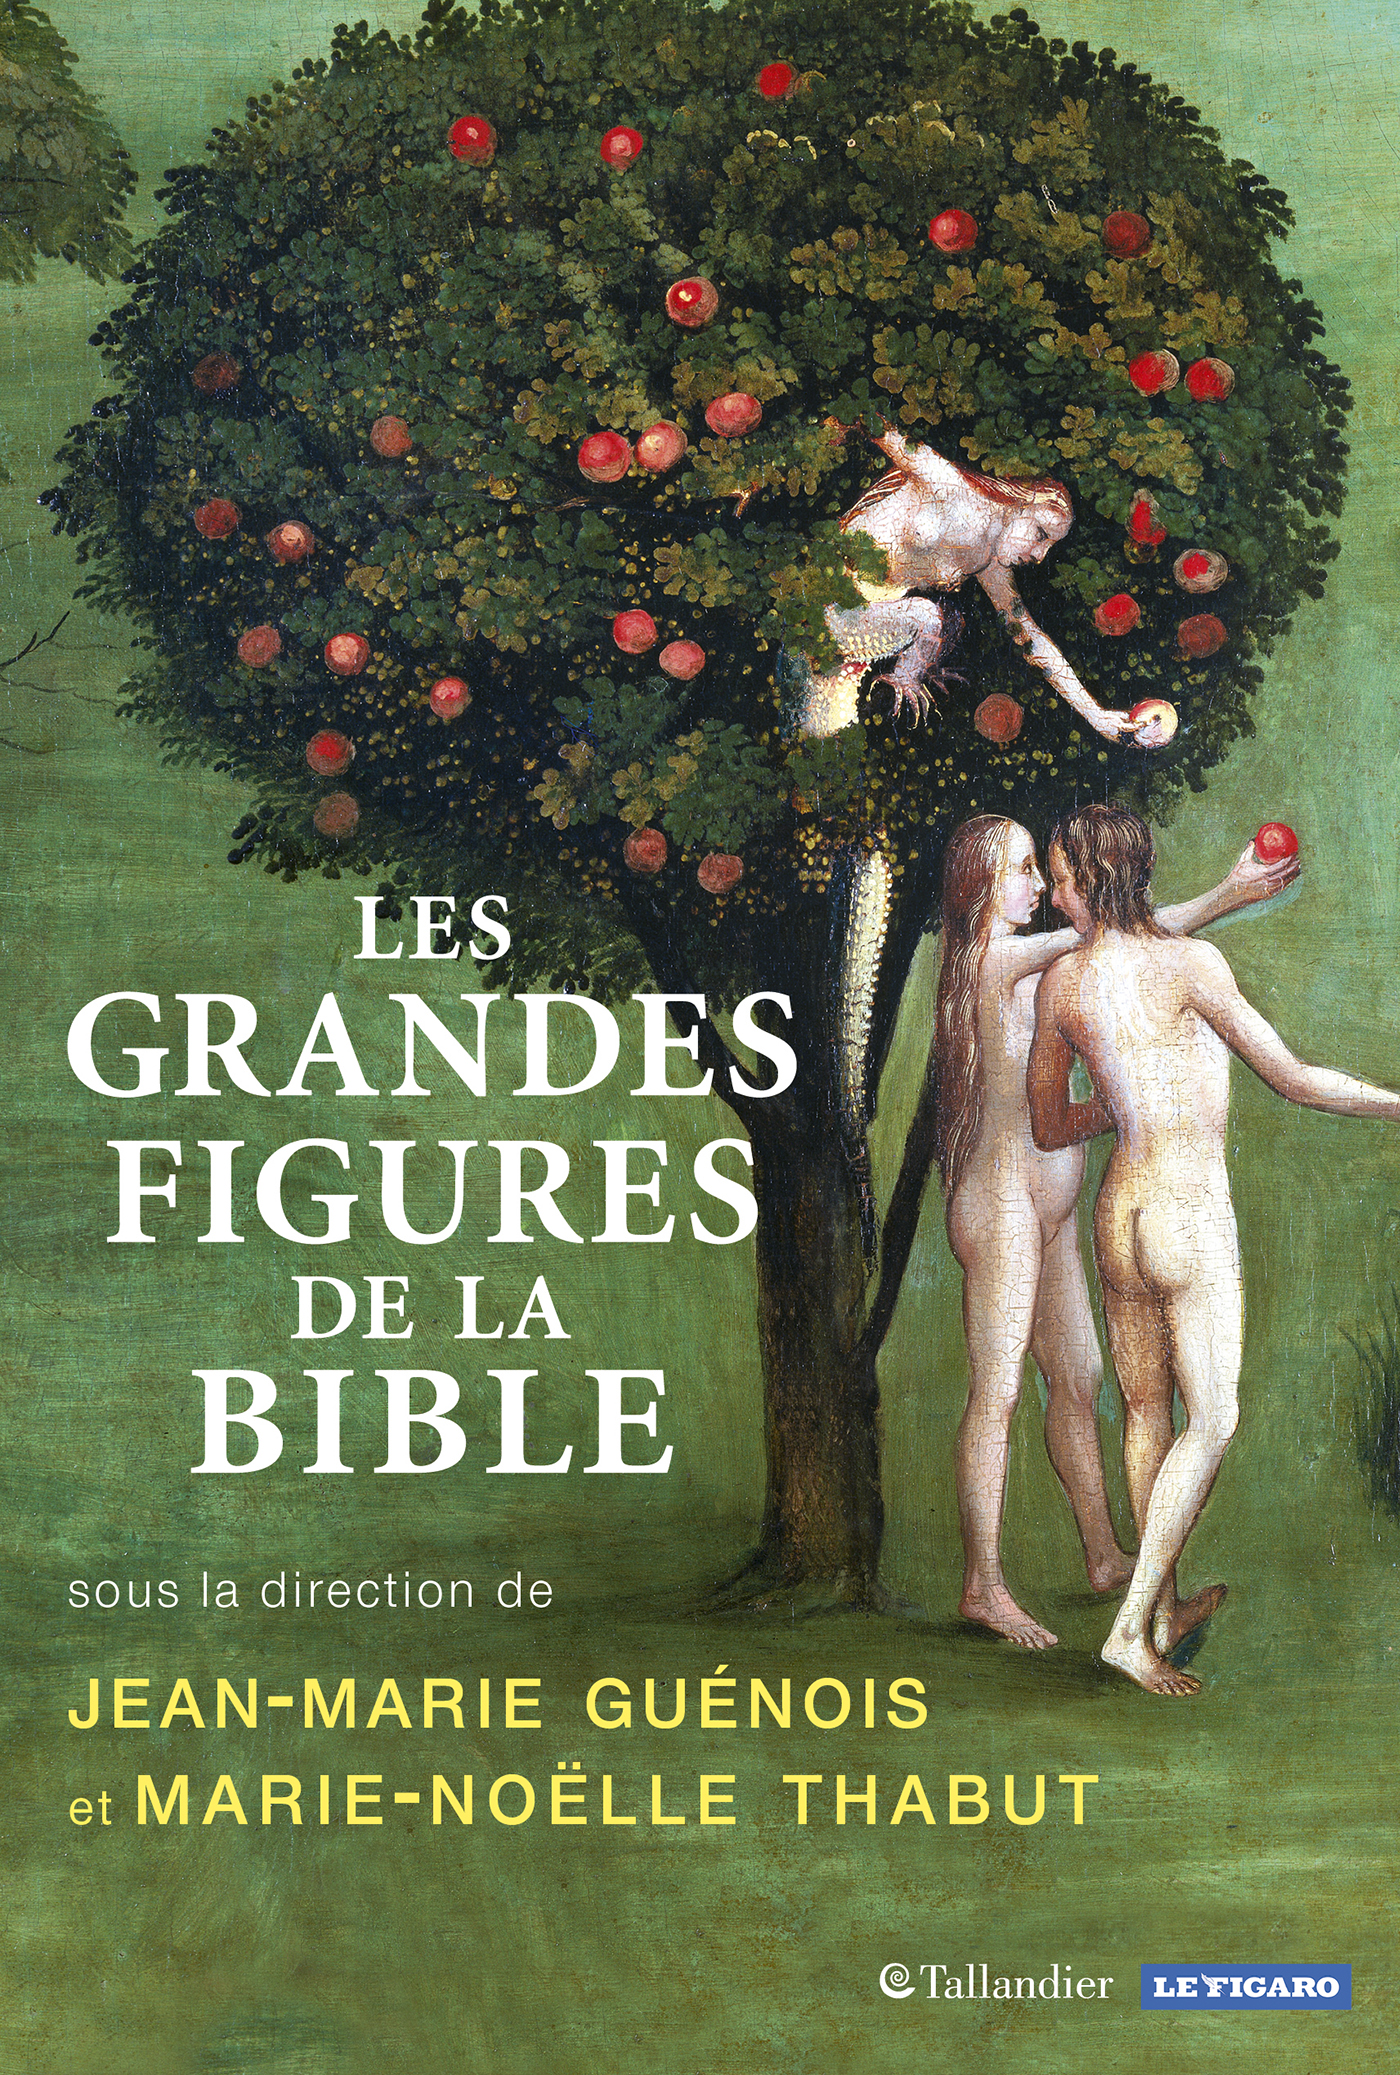 LES GRANDES FIGURES DE LA BIBLE